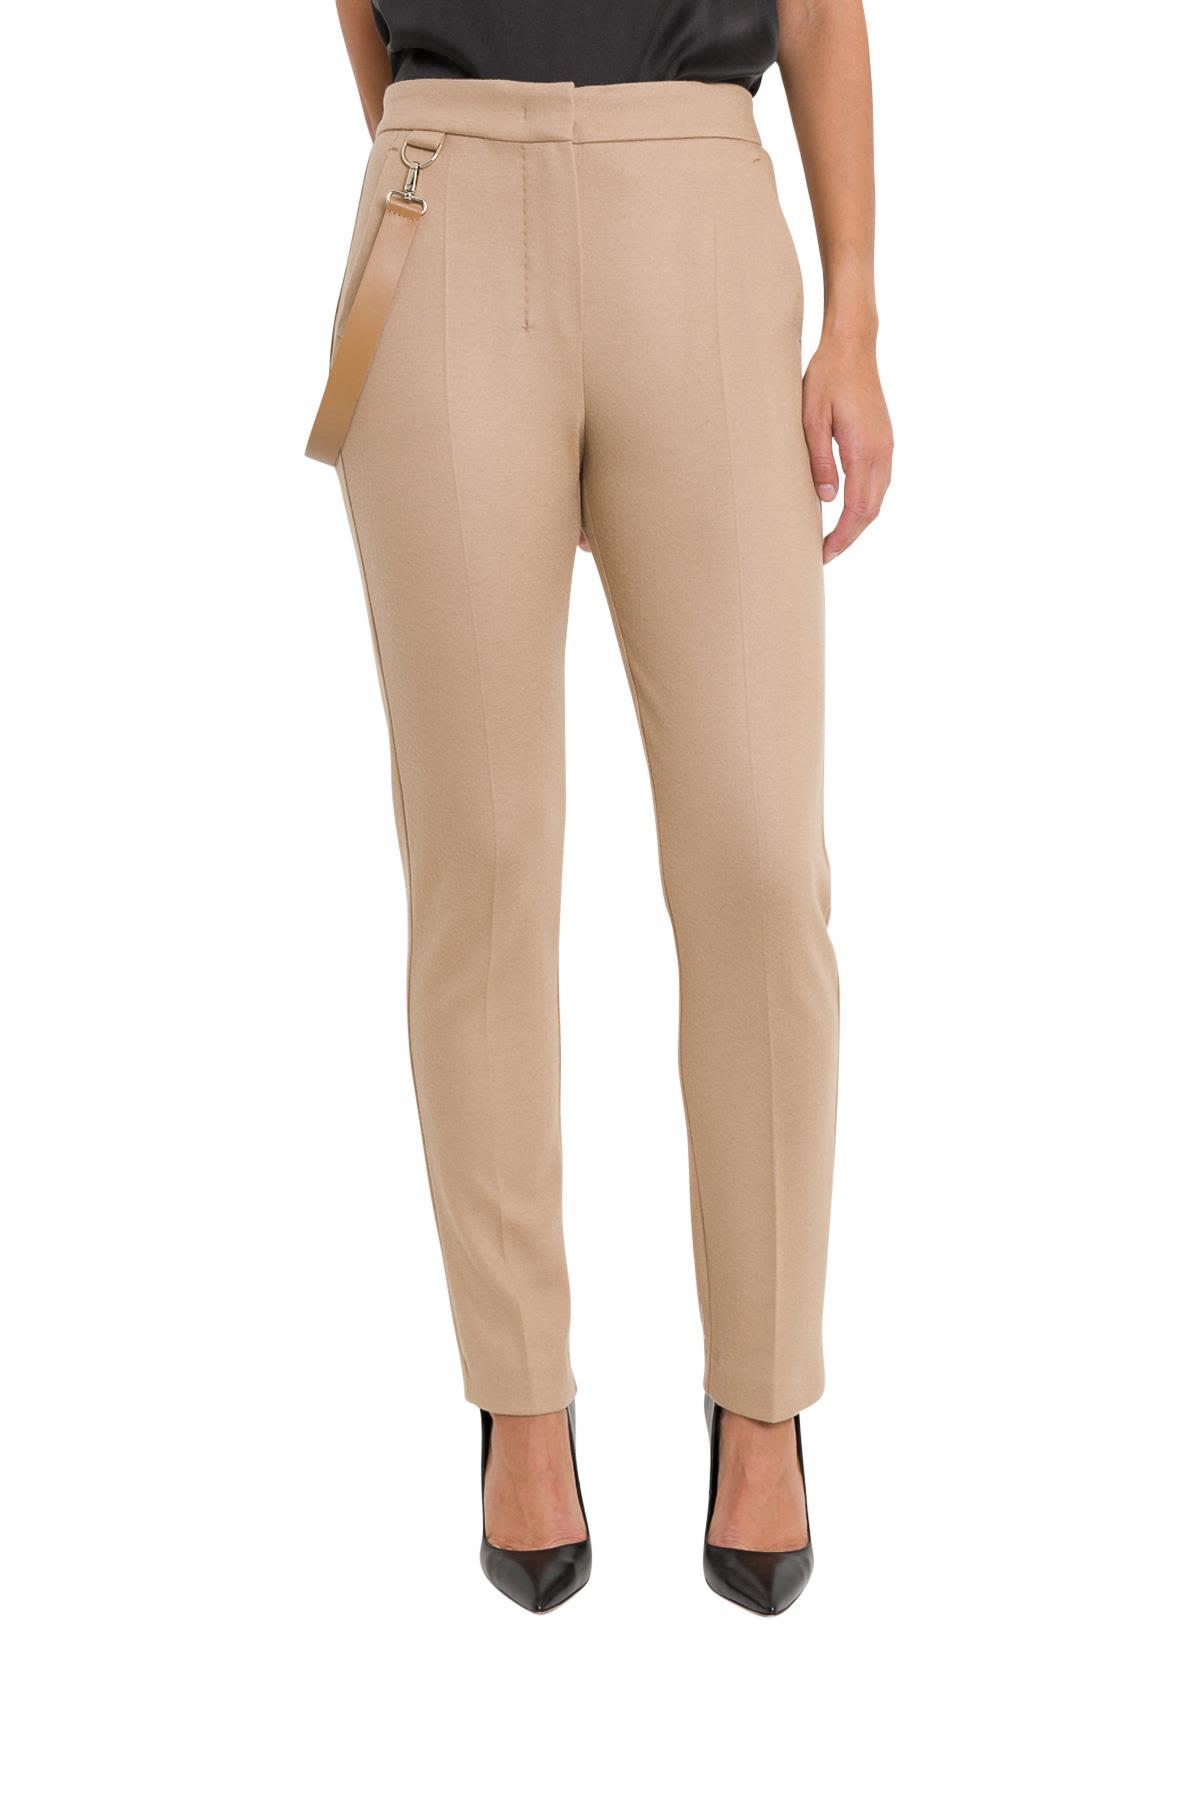 Max Mara Camel Trousers